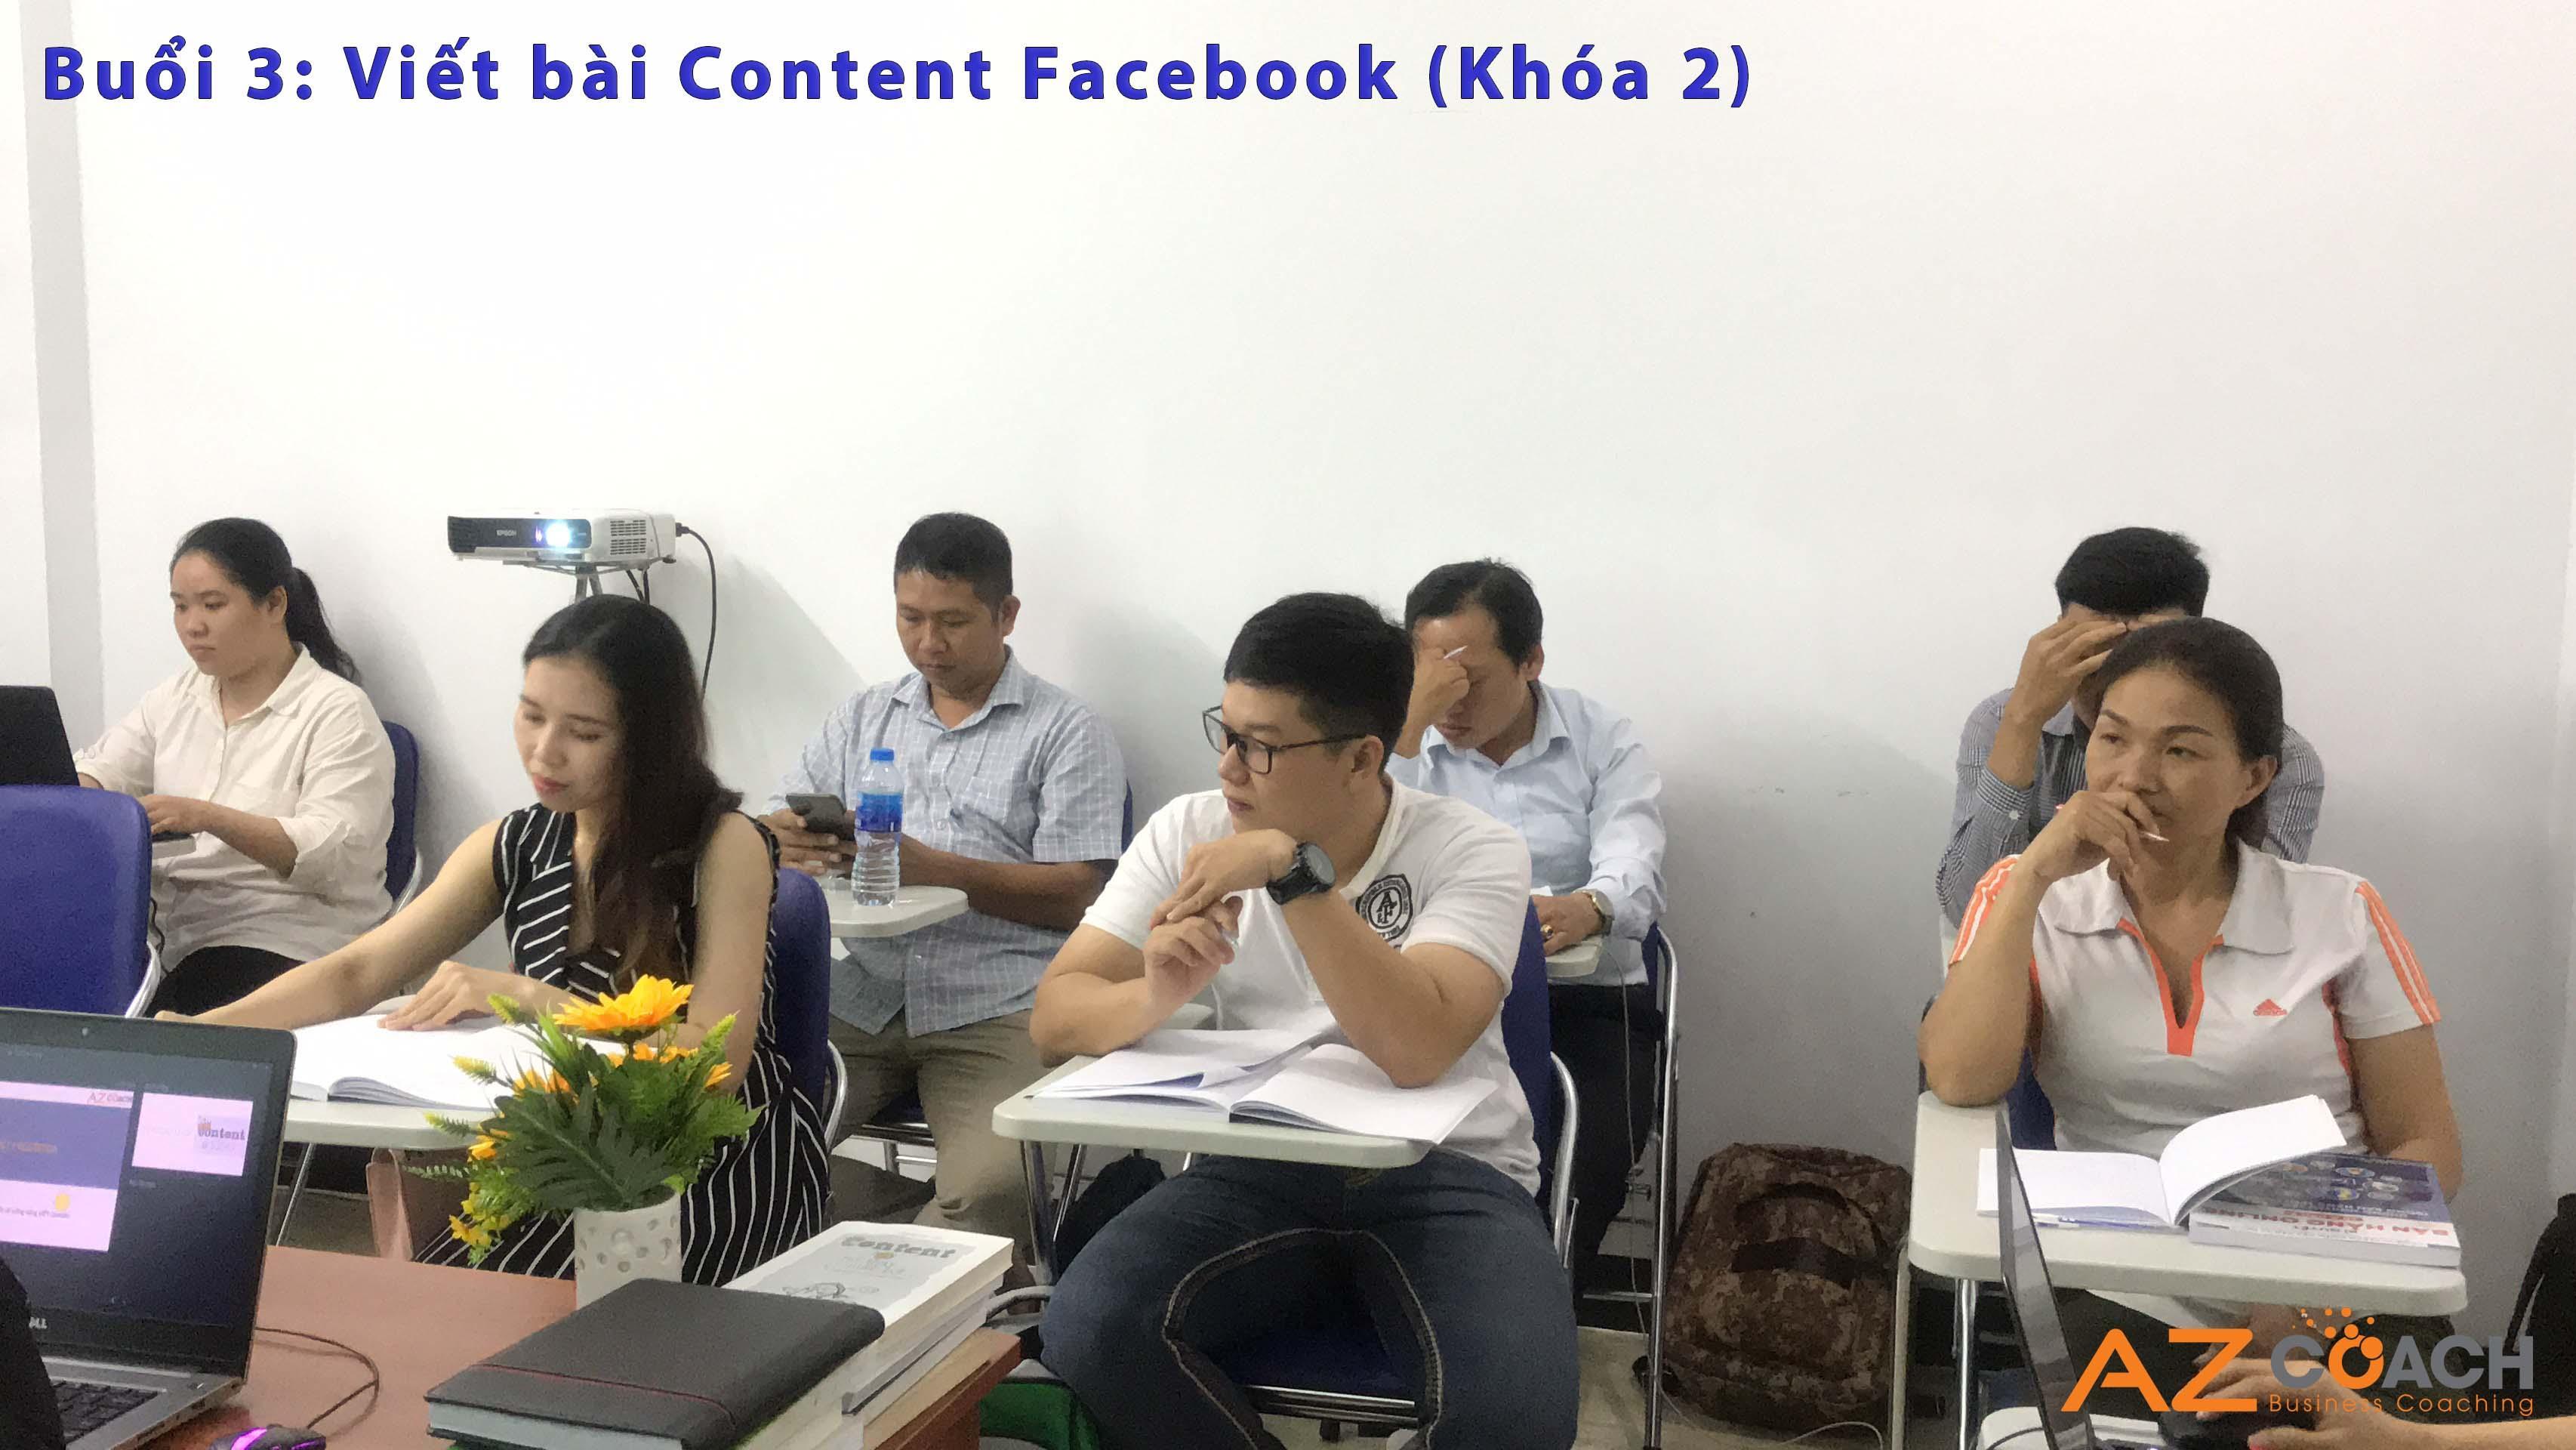 Buổi học thứ 3 Content trên facebook